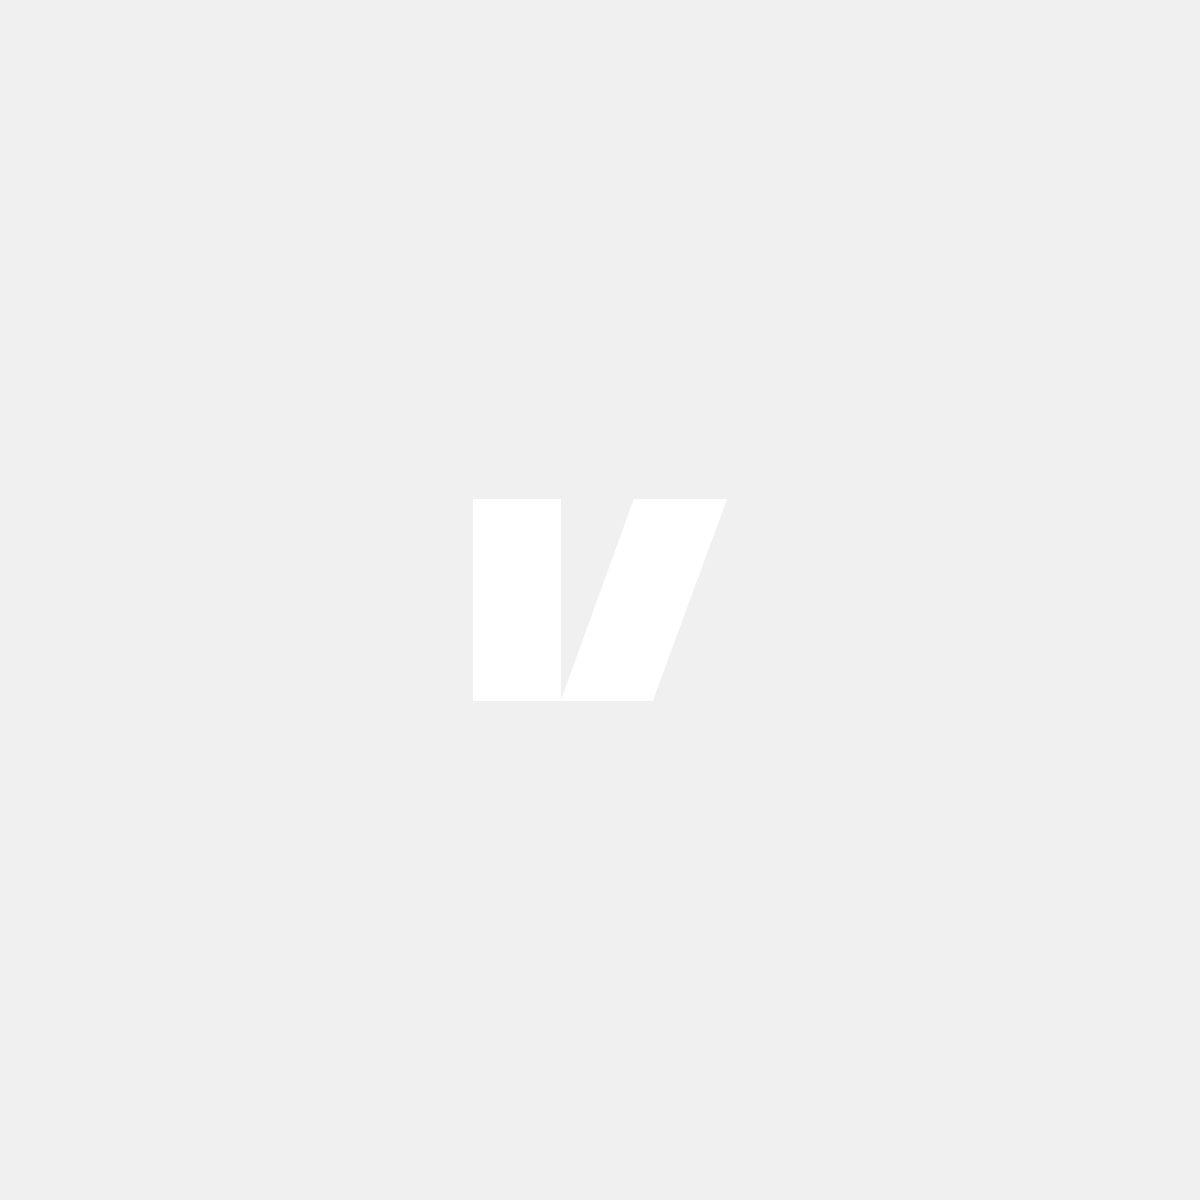 Bakre växellådskudde/ växellådsfäste till Volvo, 240, 740, 940, M47